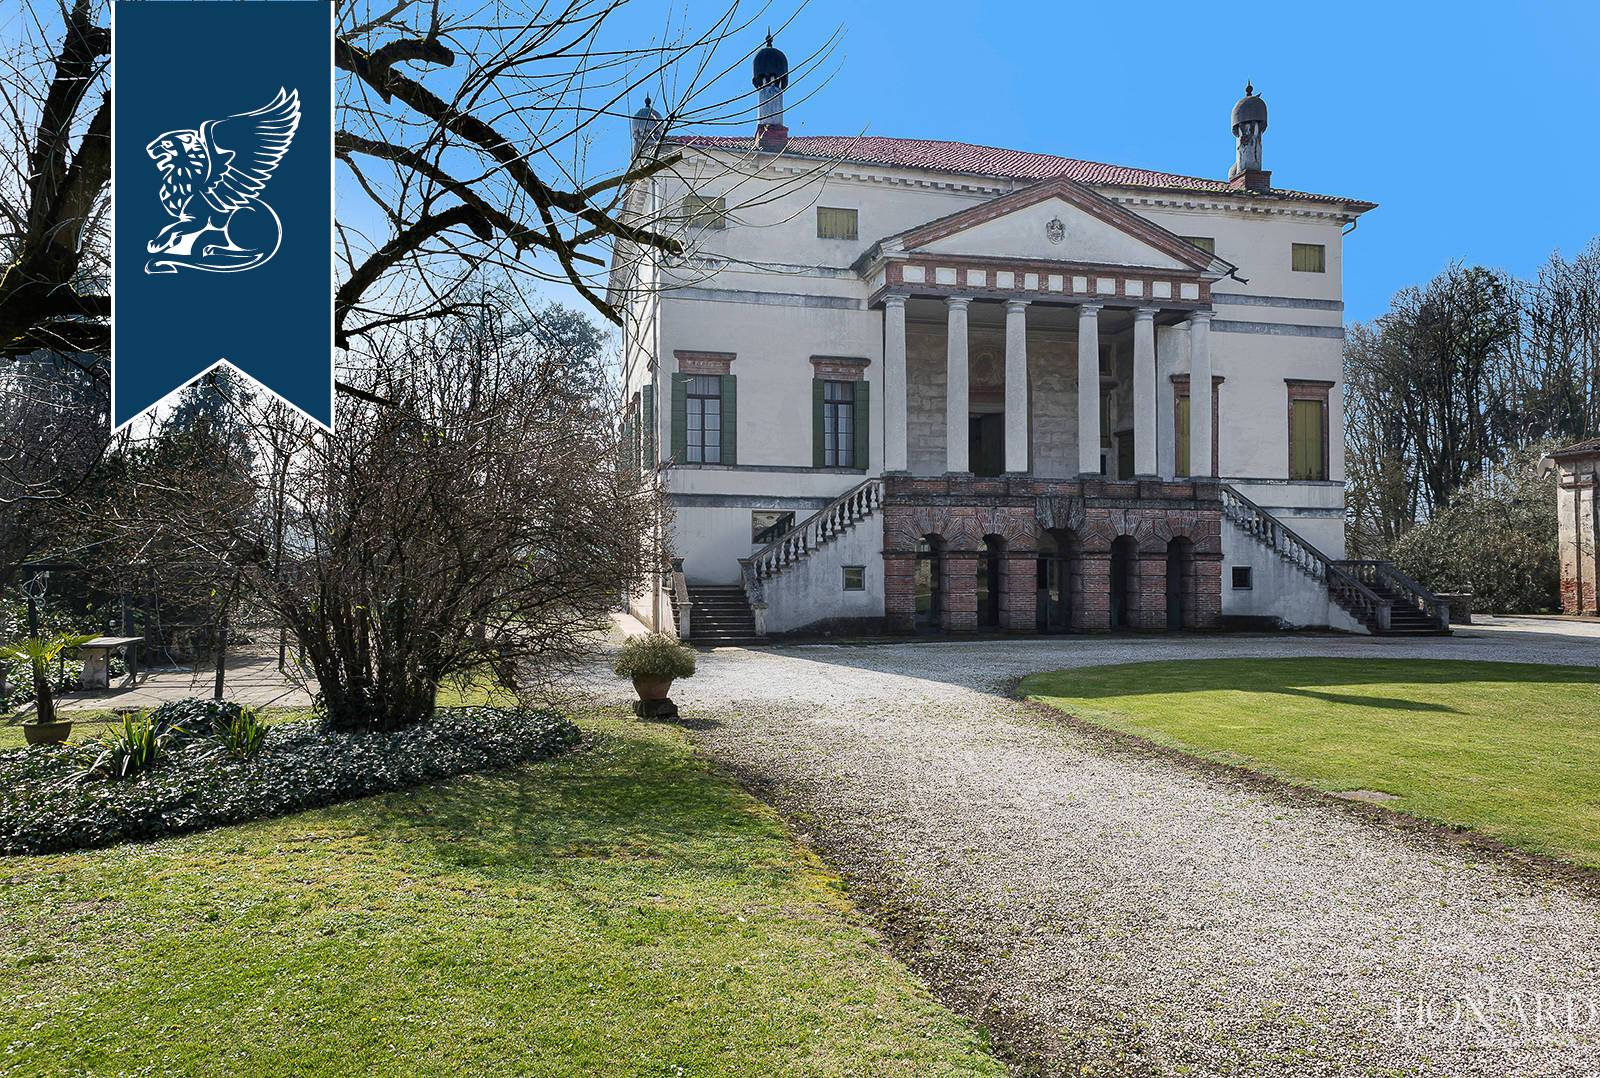 Villa in Vendita a Fratta Polesine: 0 locali, 1200 mq - Foto 5